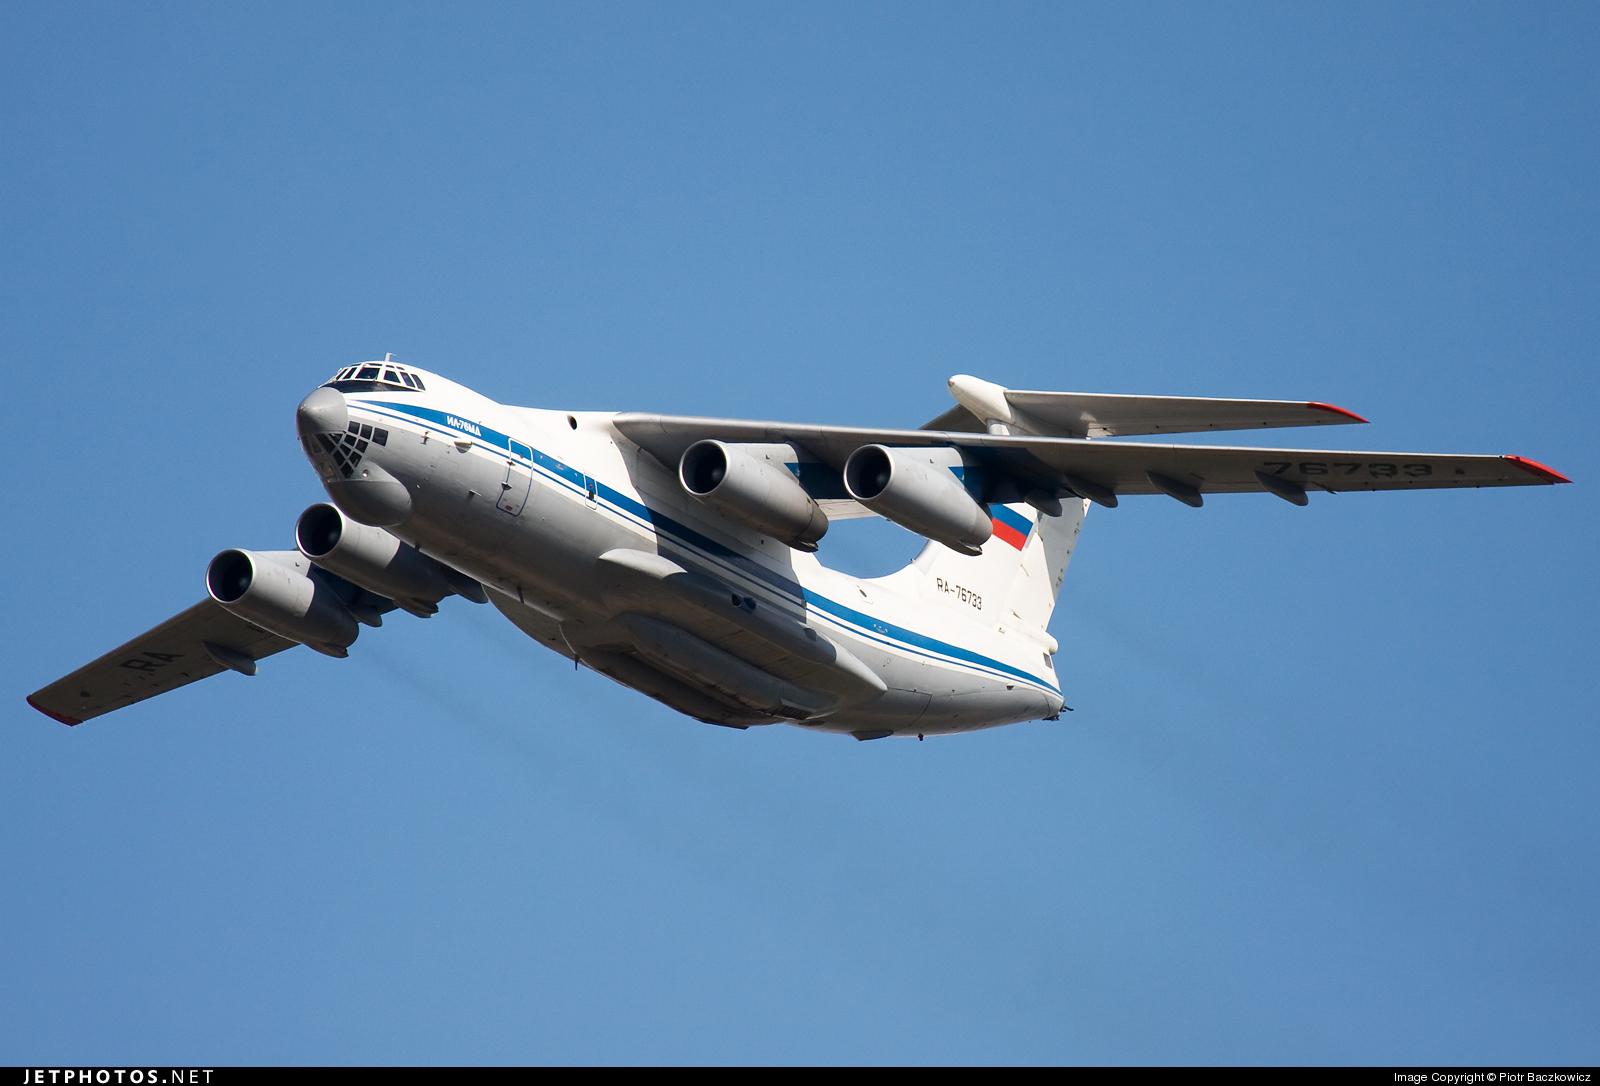 RA-76733 - Ilyushin IL-76MD - Russia - Air Force